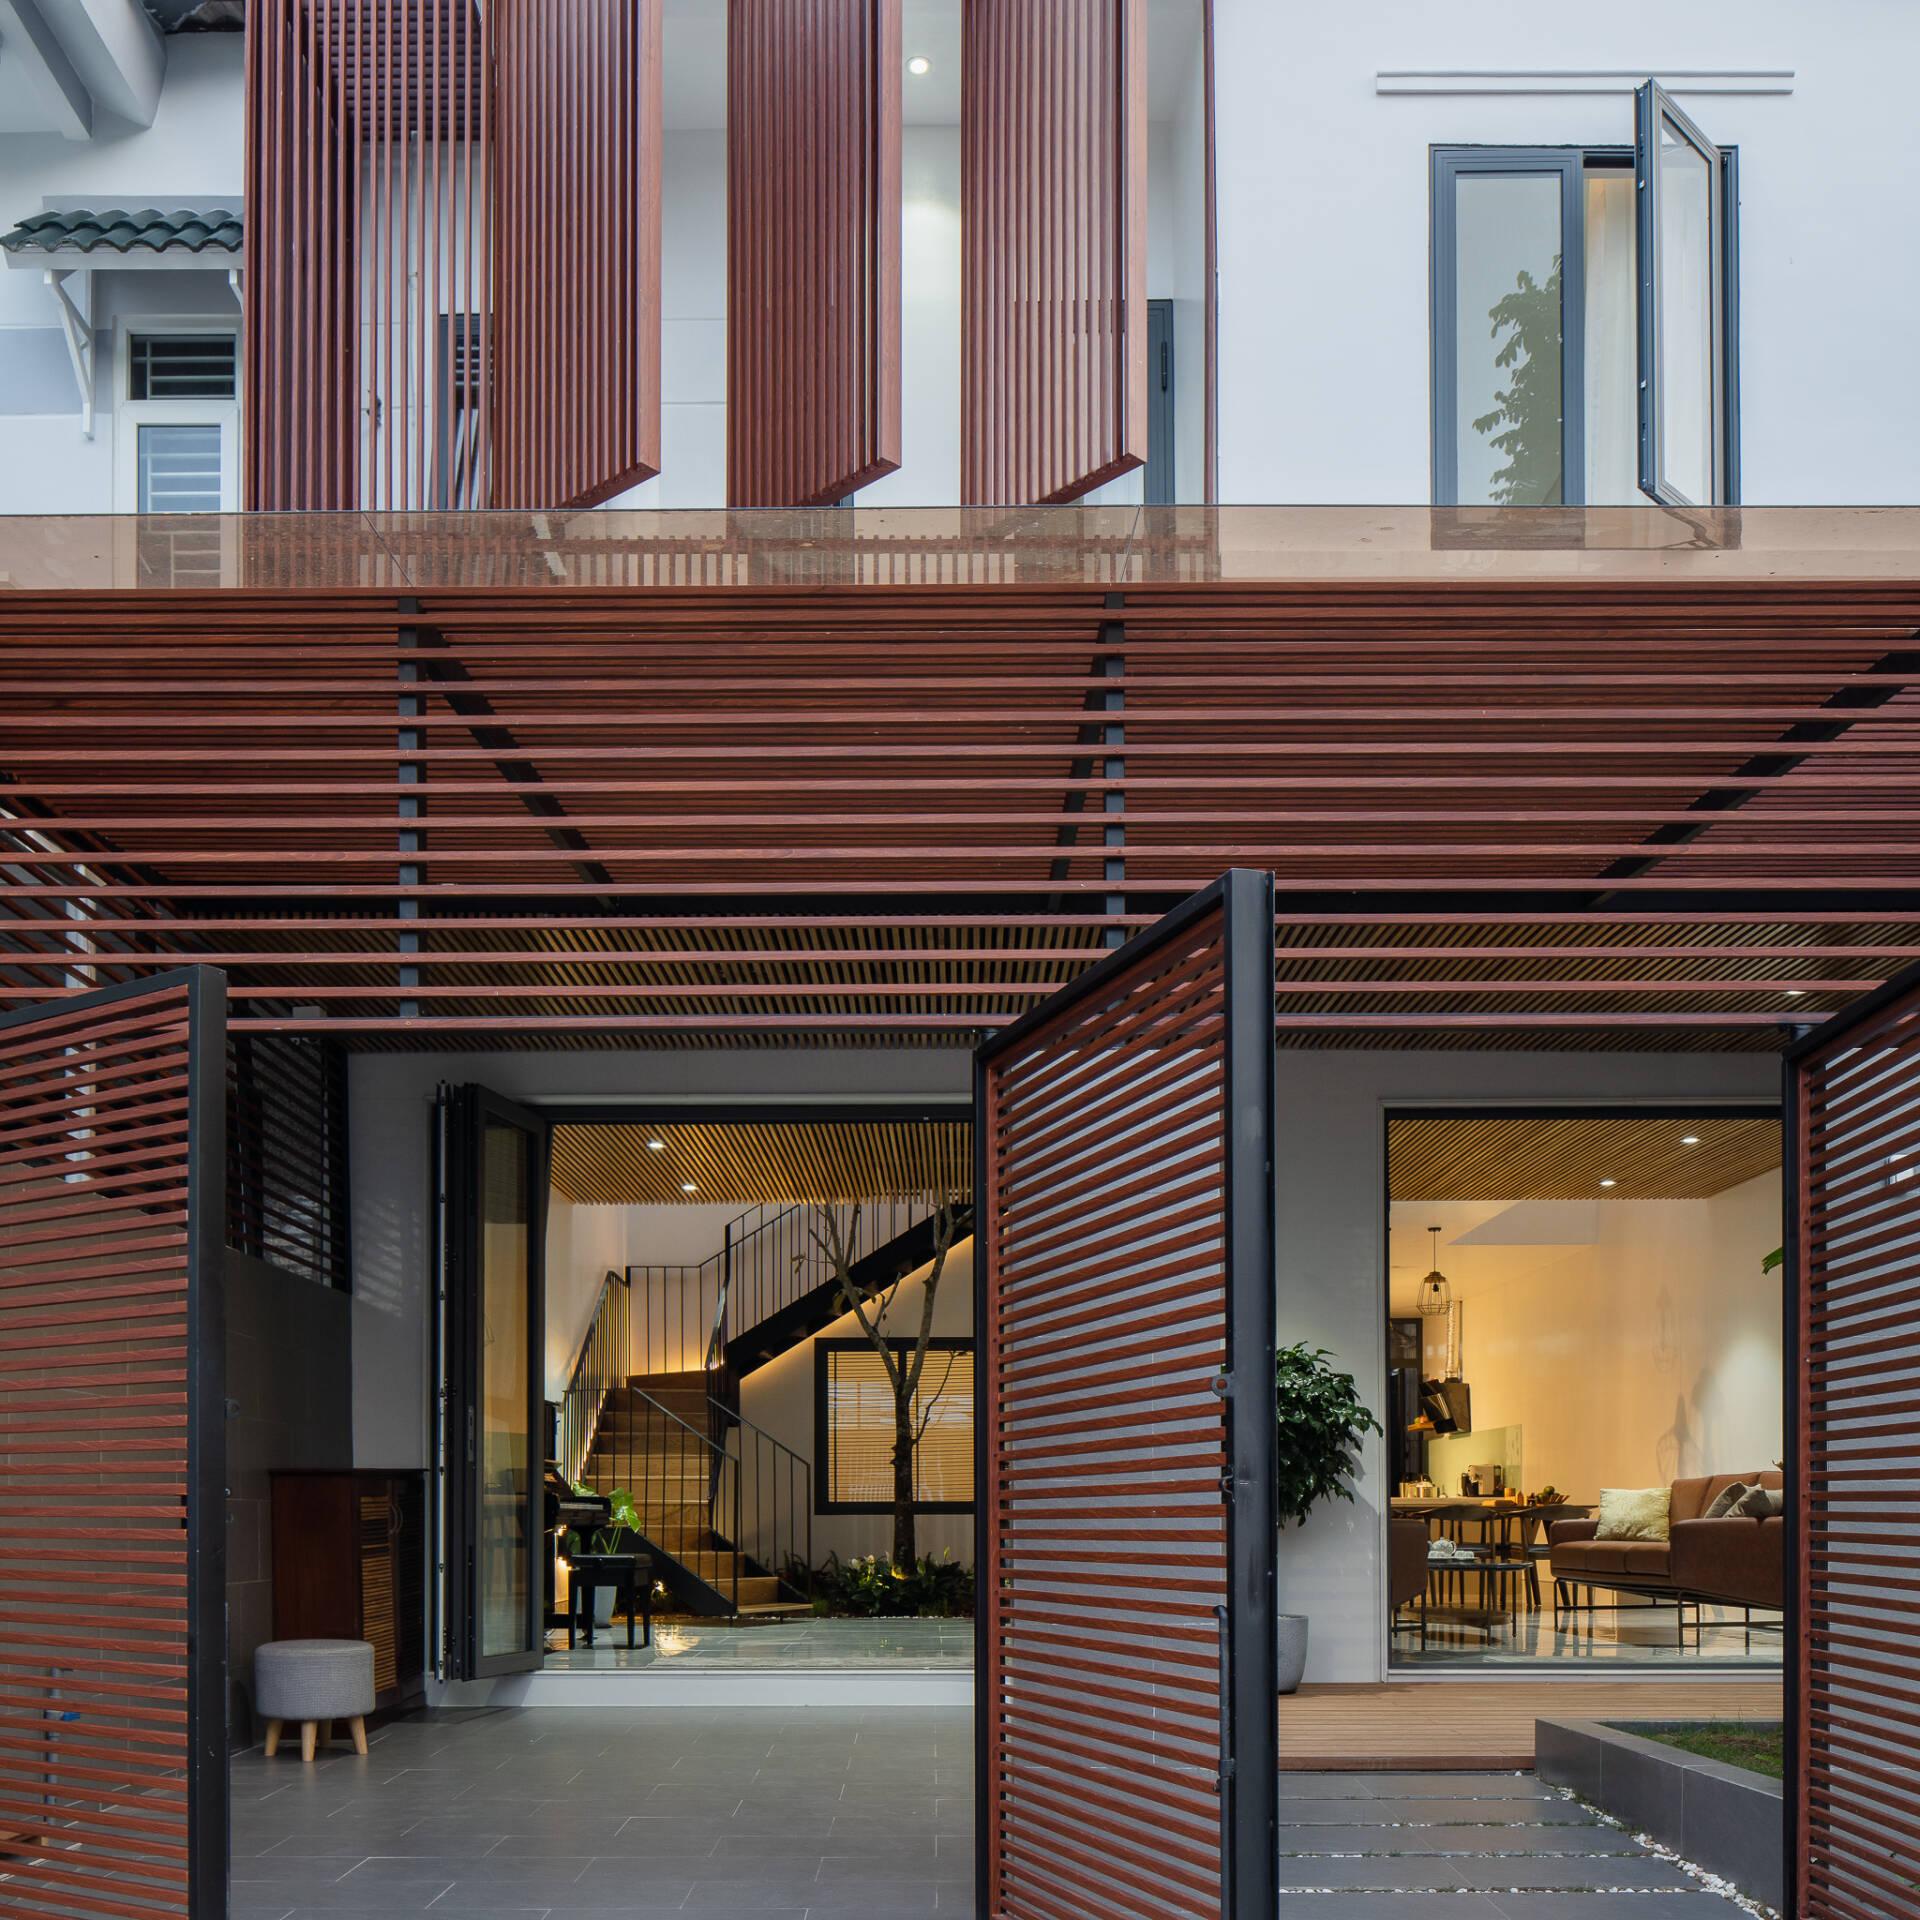 Lam gỗ mang lại diện mạo mới mẻ hơn cho căn nhà